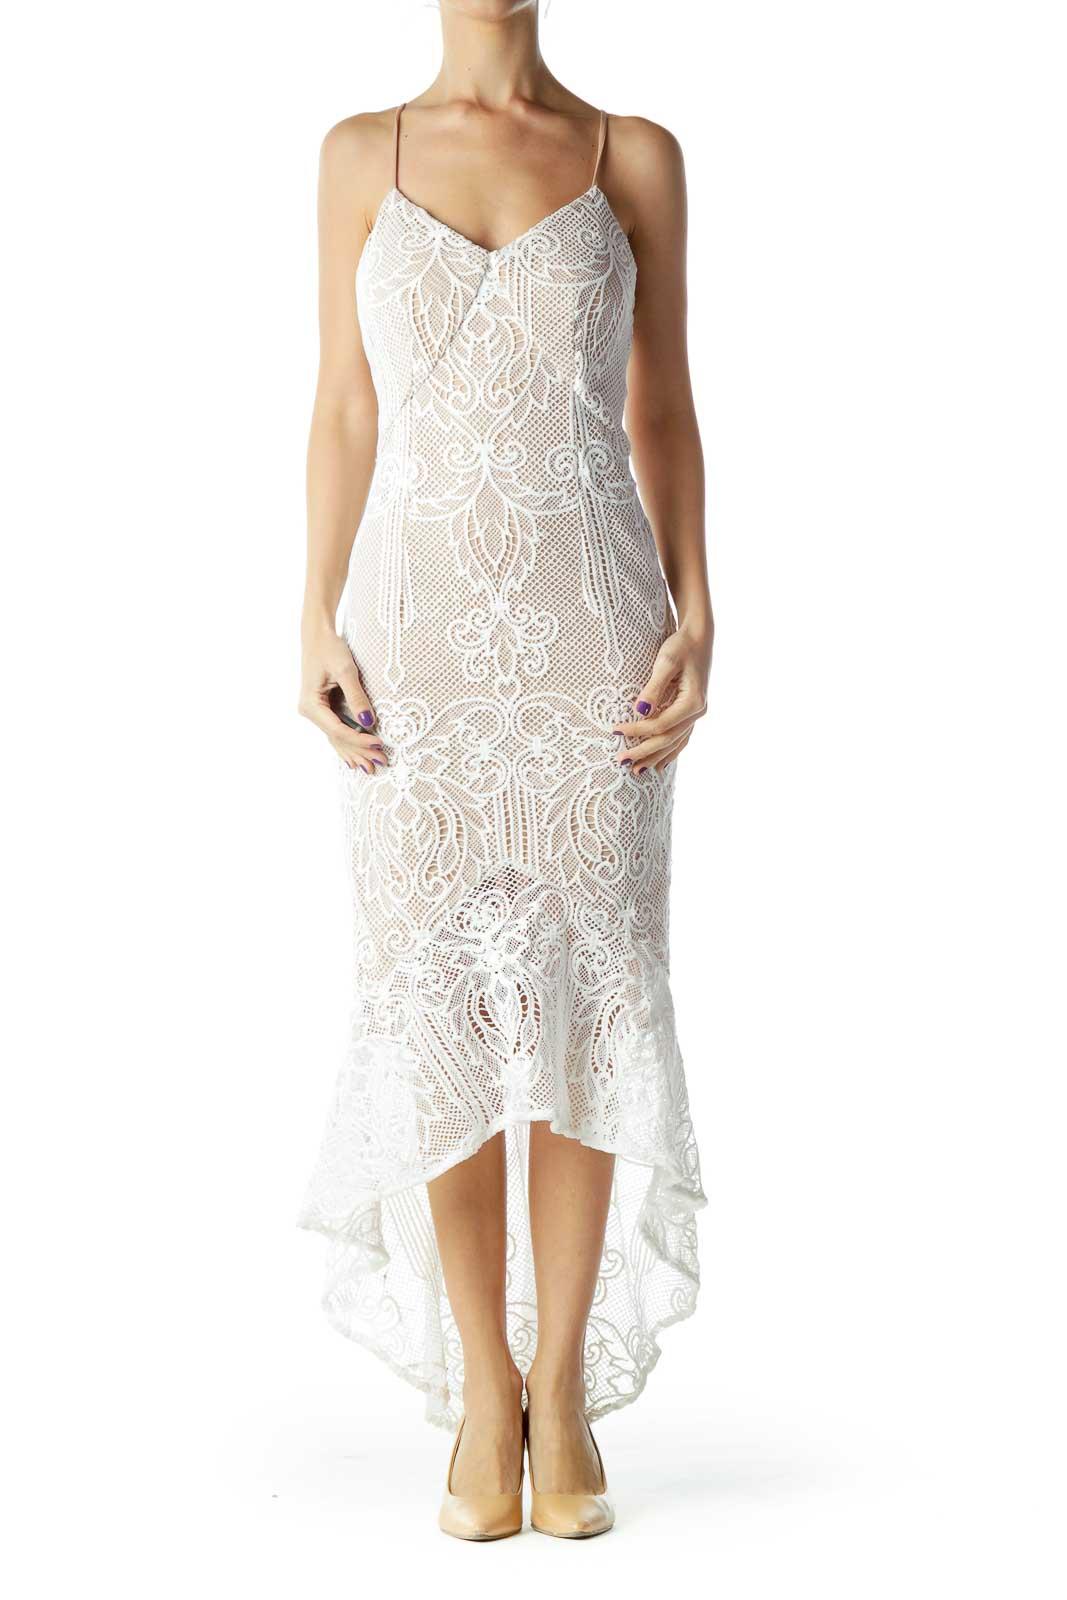 White Crocheted Slip Dress Front